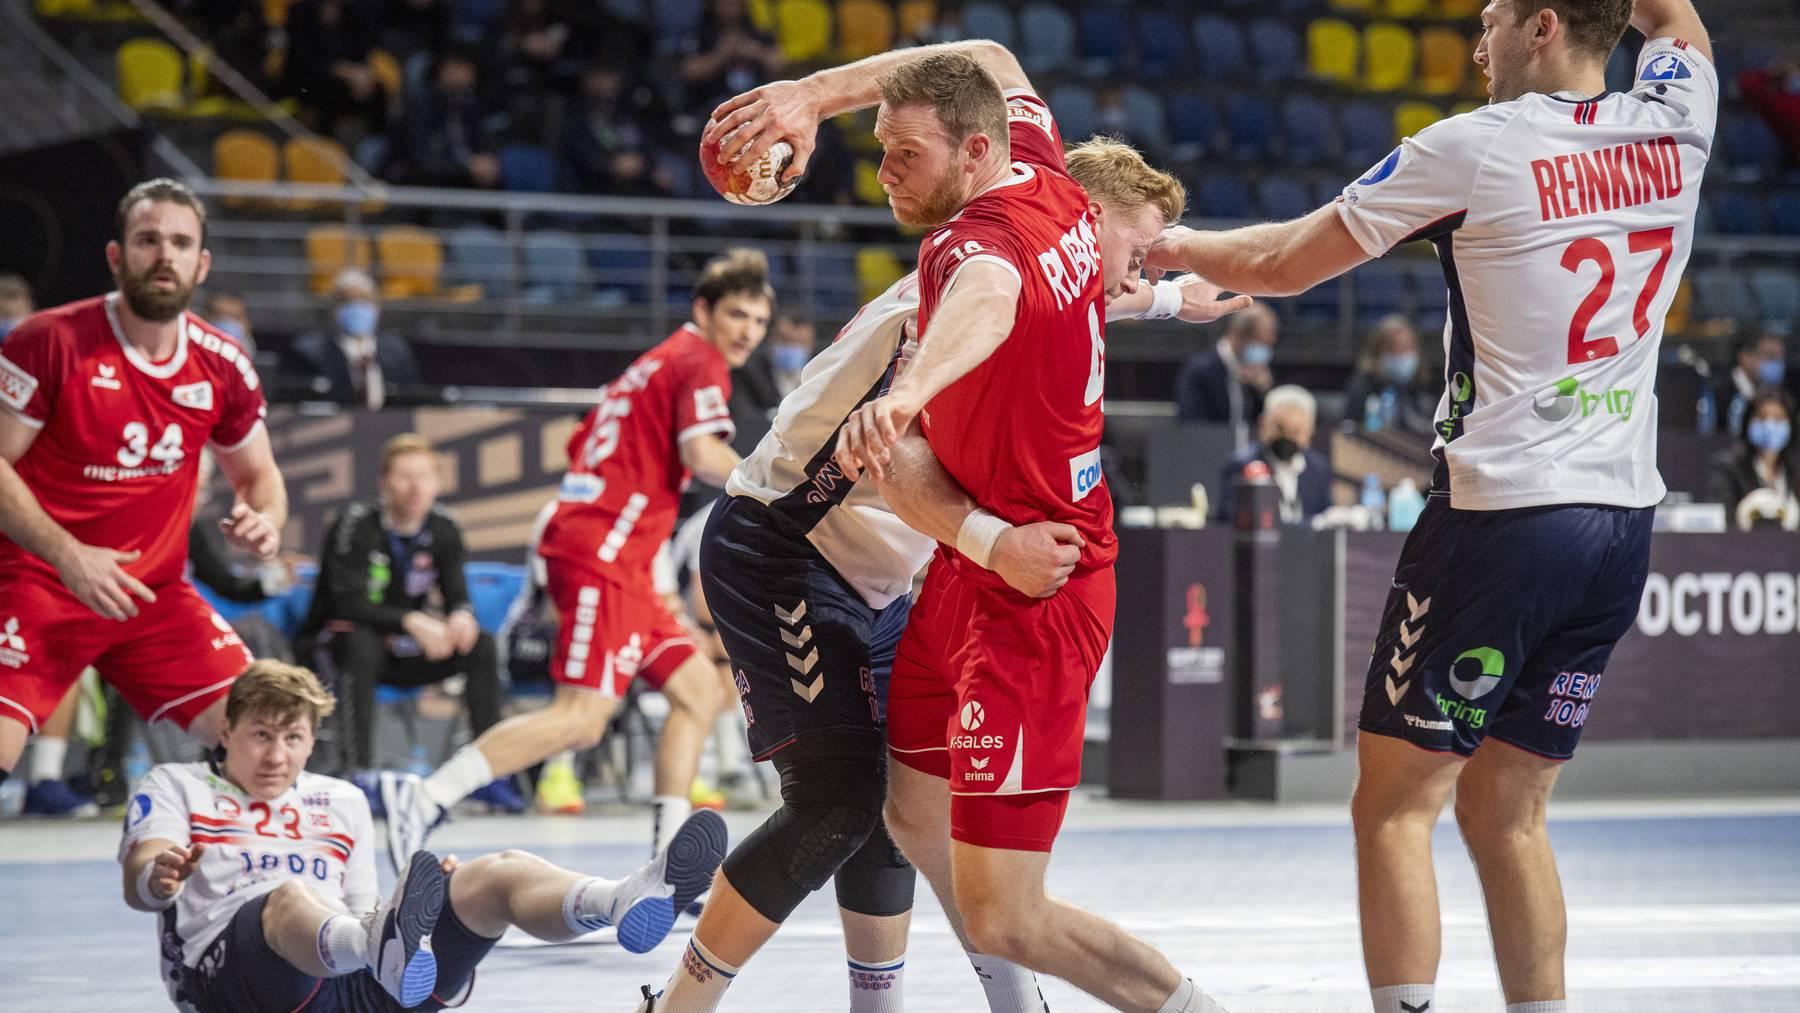 Die Schweizer Handballer mussten sich den Skandinaviern klar geschlagen geben.